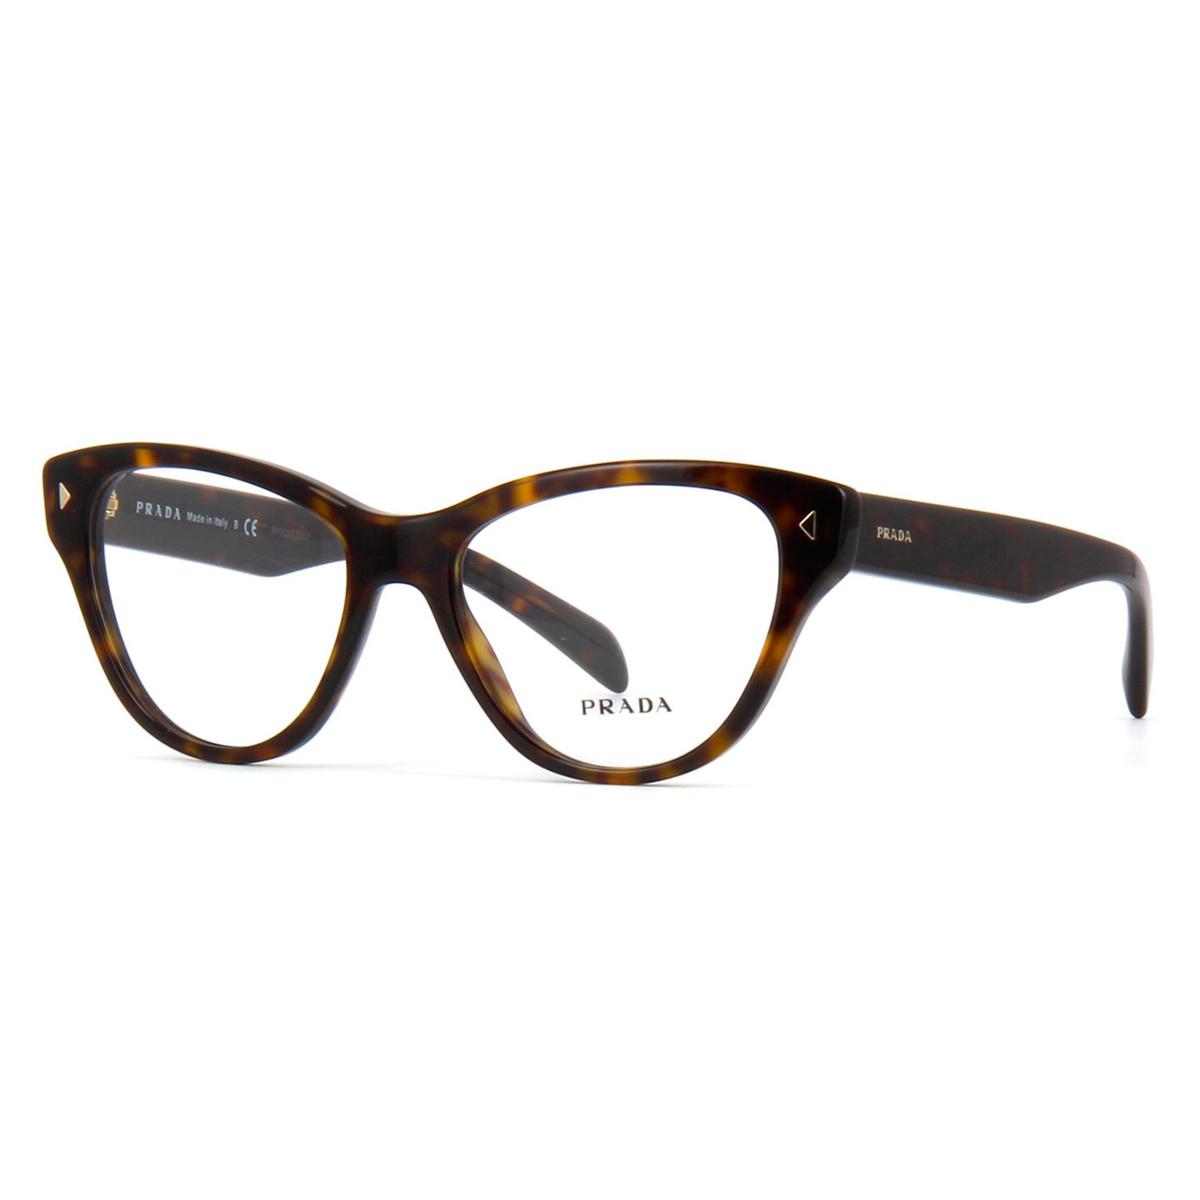 05117167c88c8 Compre Óculos de Grau Prada em 10X